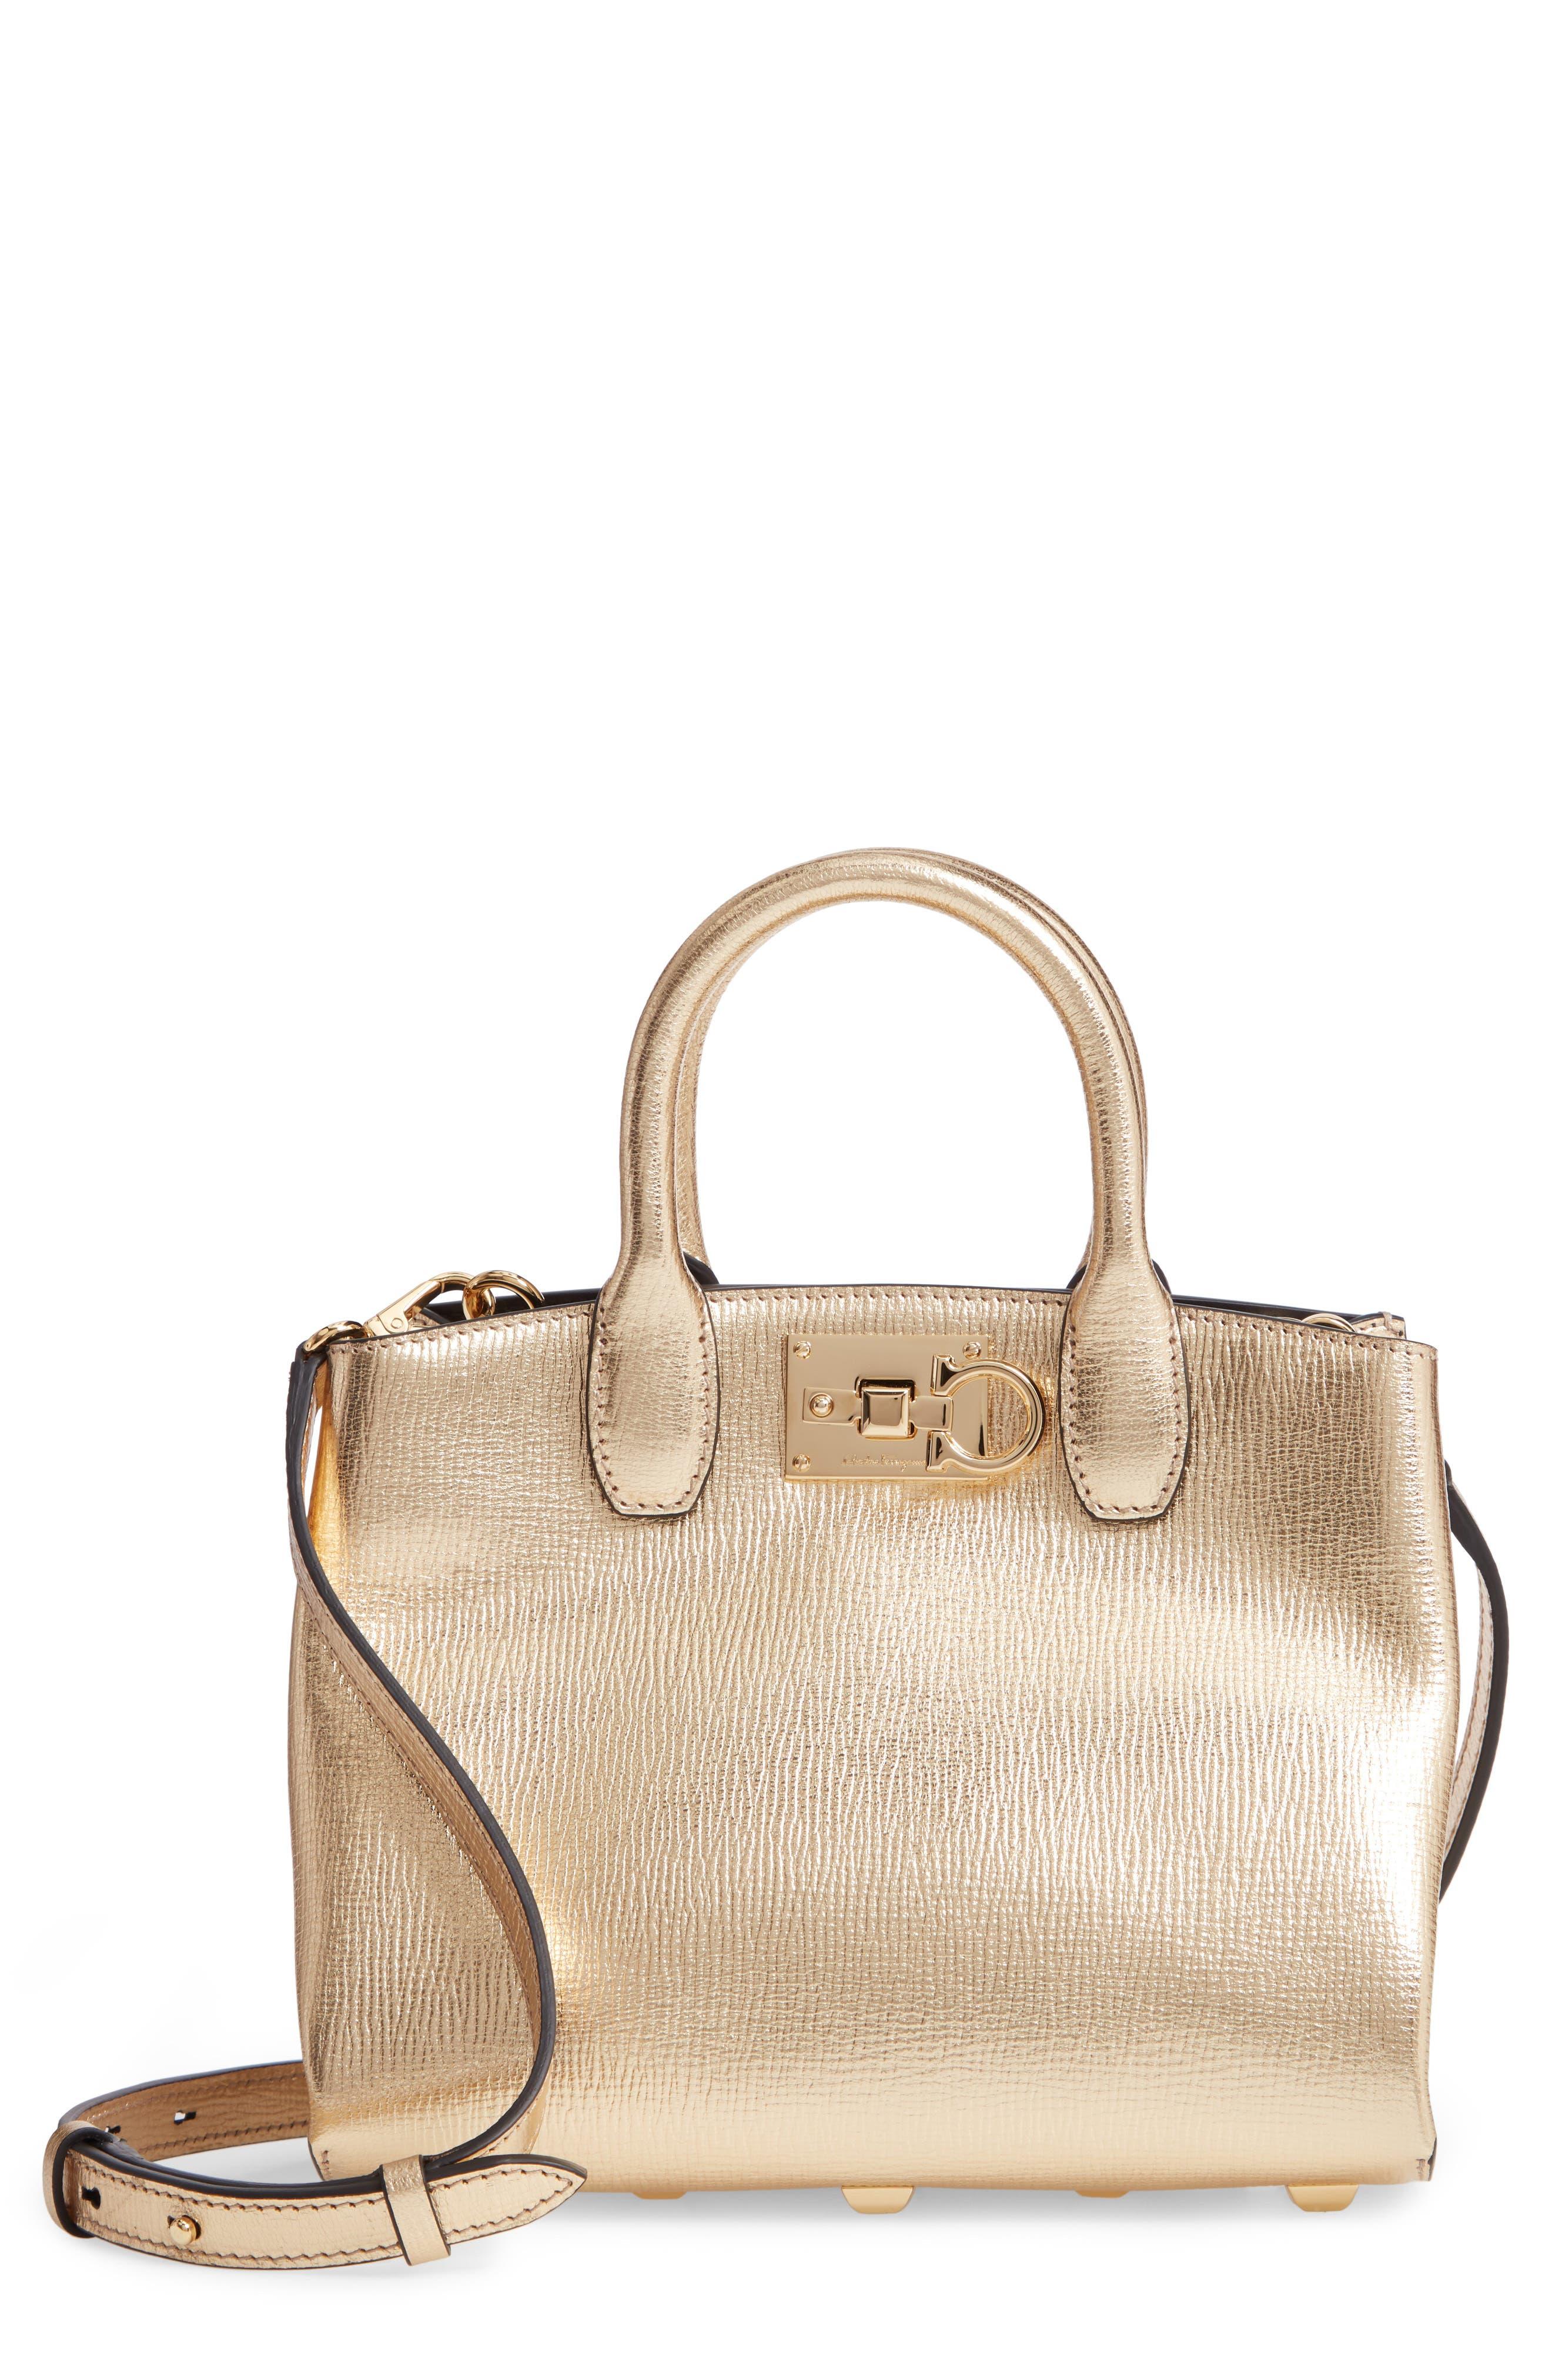 23c77e2a31 Totes Salvatore Ferragamo Handbags for Women